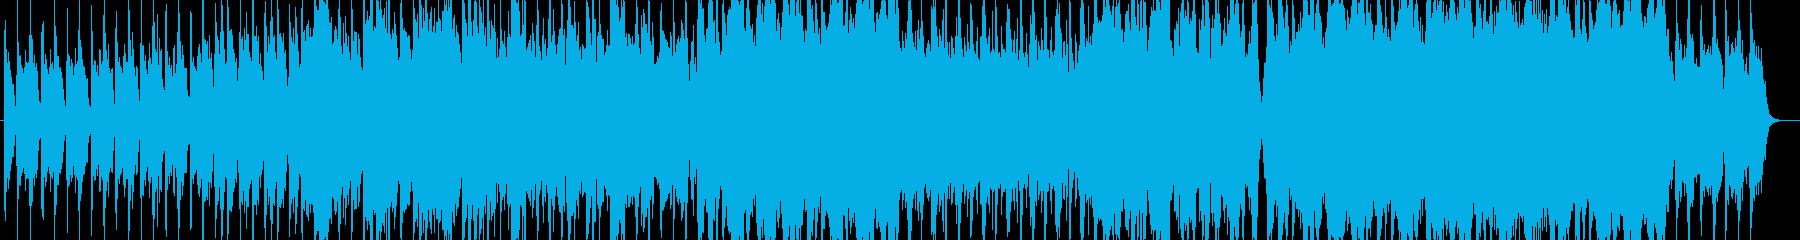 オーケストレーションがメインのロック調の再生済みの波形